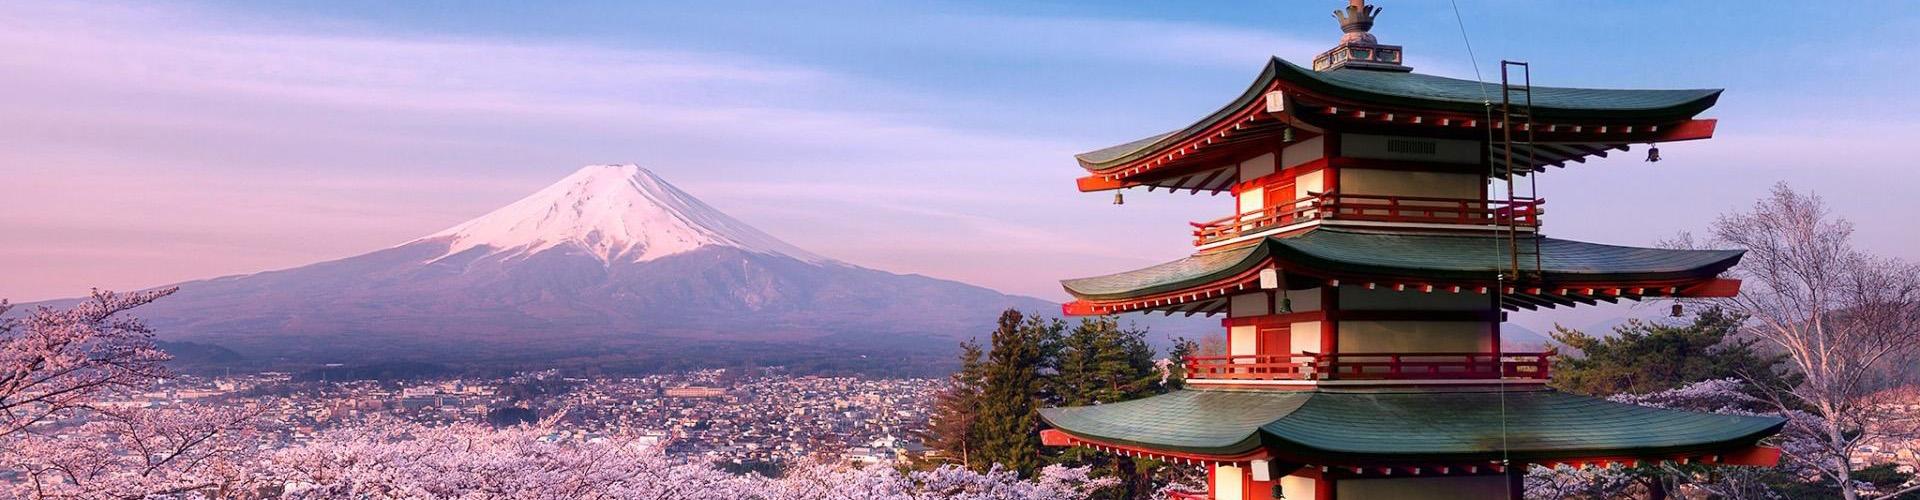 日本移民_日本经营管理签证_日本高才_永居条件